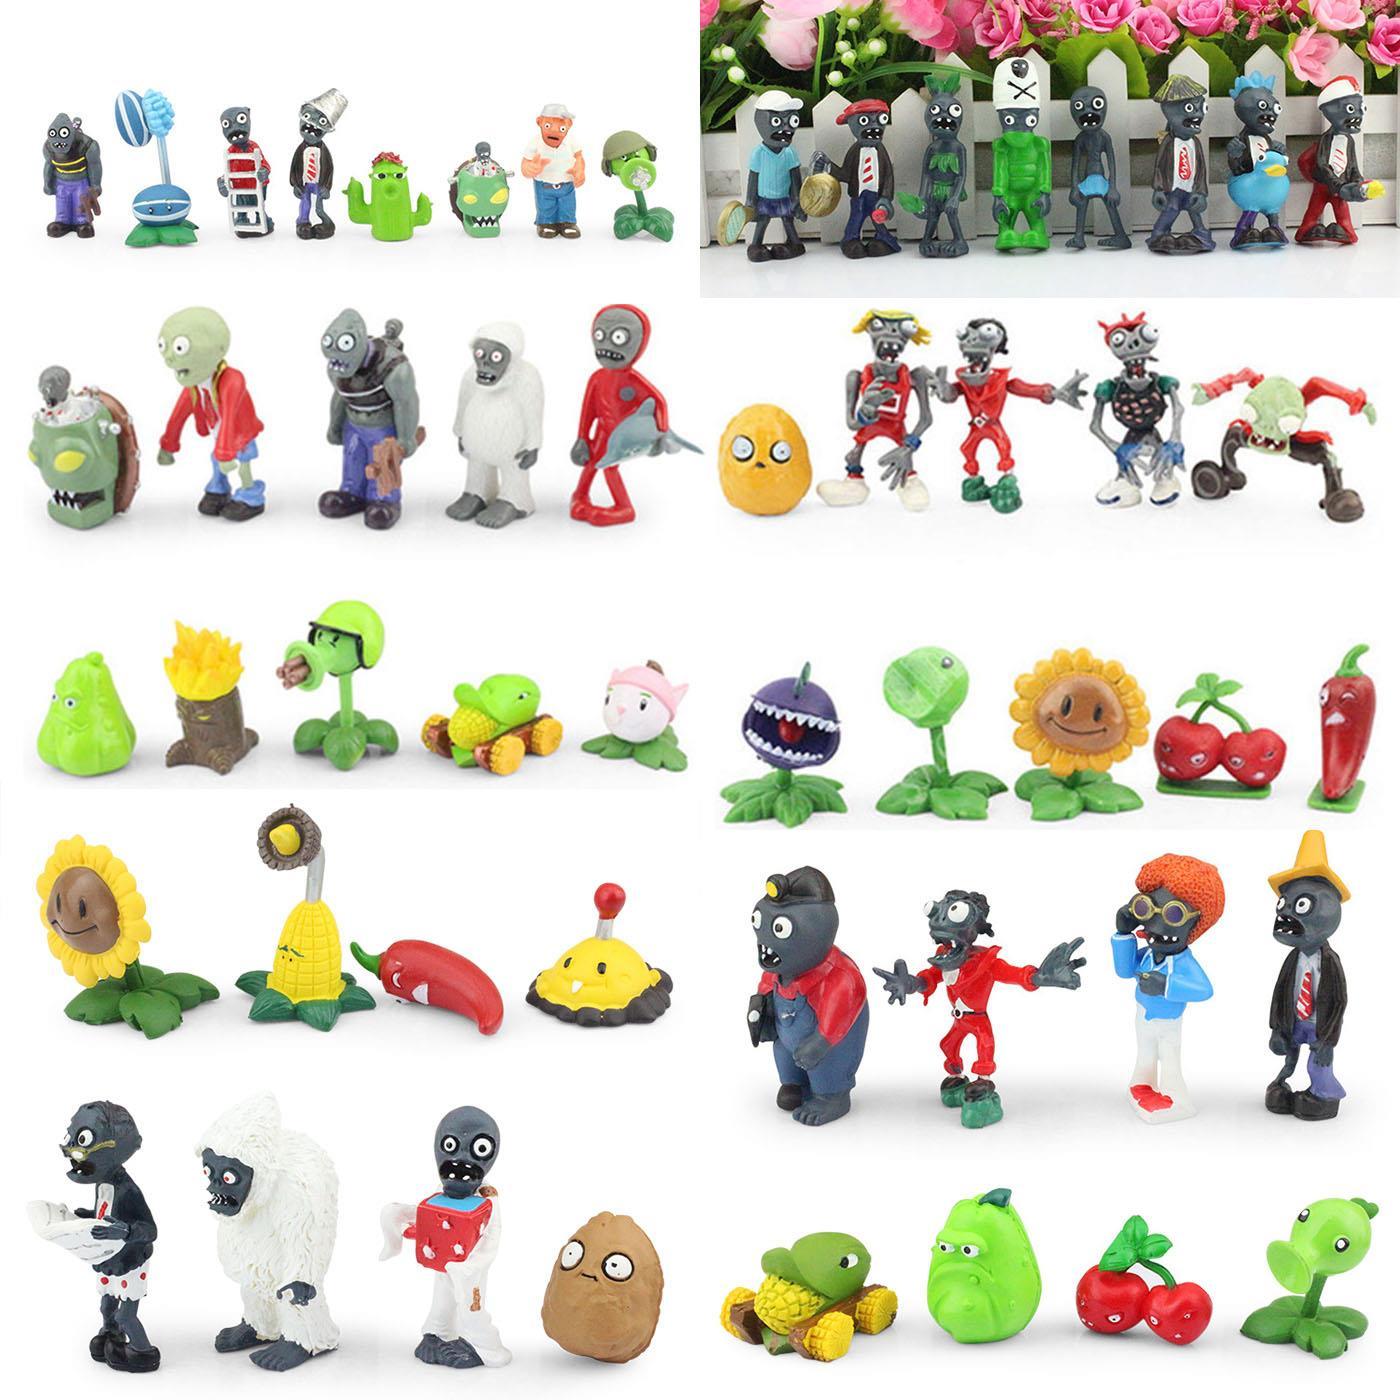 52 ピース/セット植物対ゾンビ PVZ コレクションフィギュアおもちゃ植物やゾンビフィギュアのおもちゃ送料無料  グループ上の おもちゃ & ホビー からの アクション & トイ フィギュア の中 1